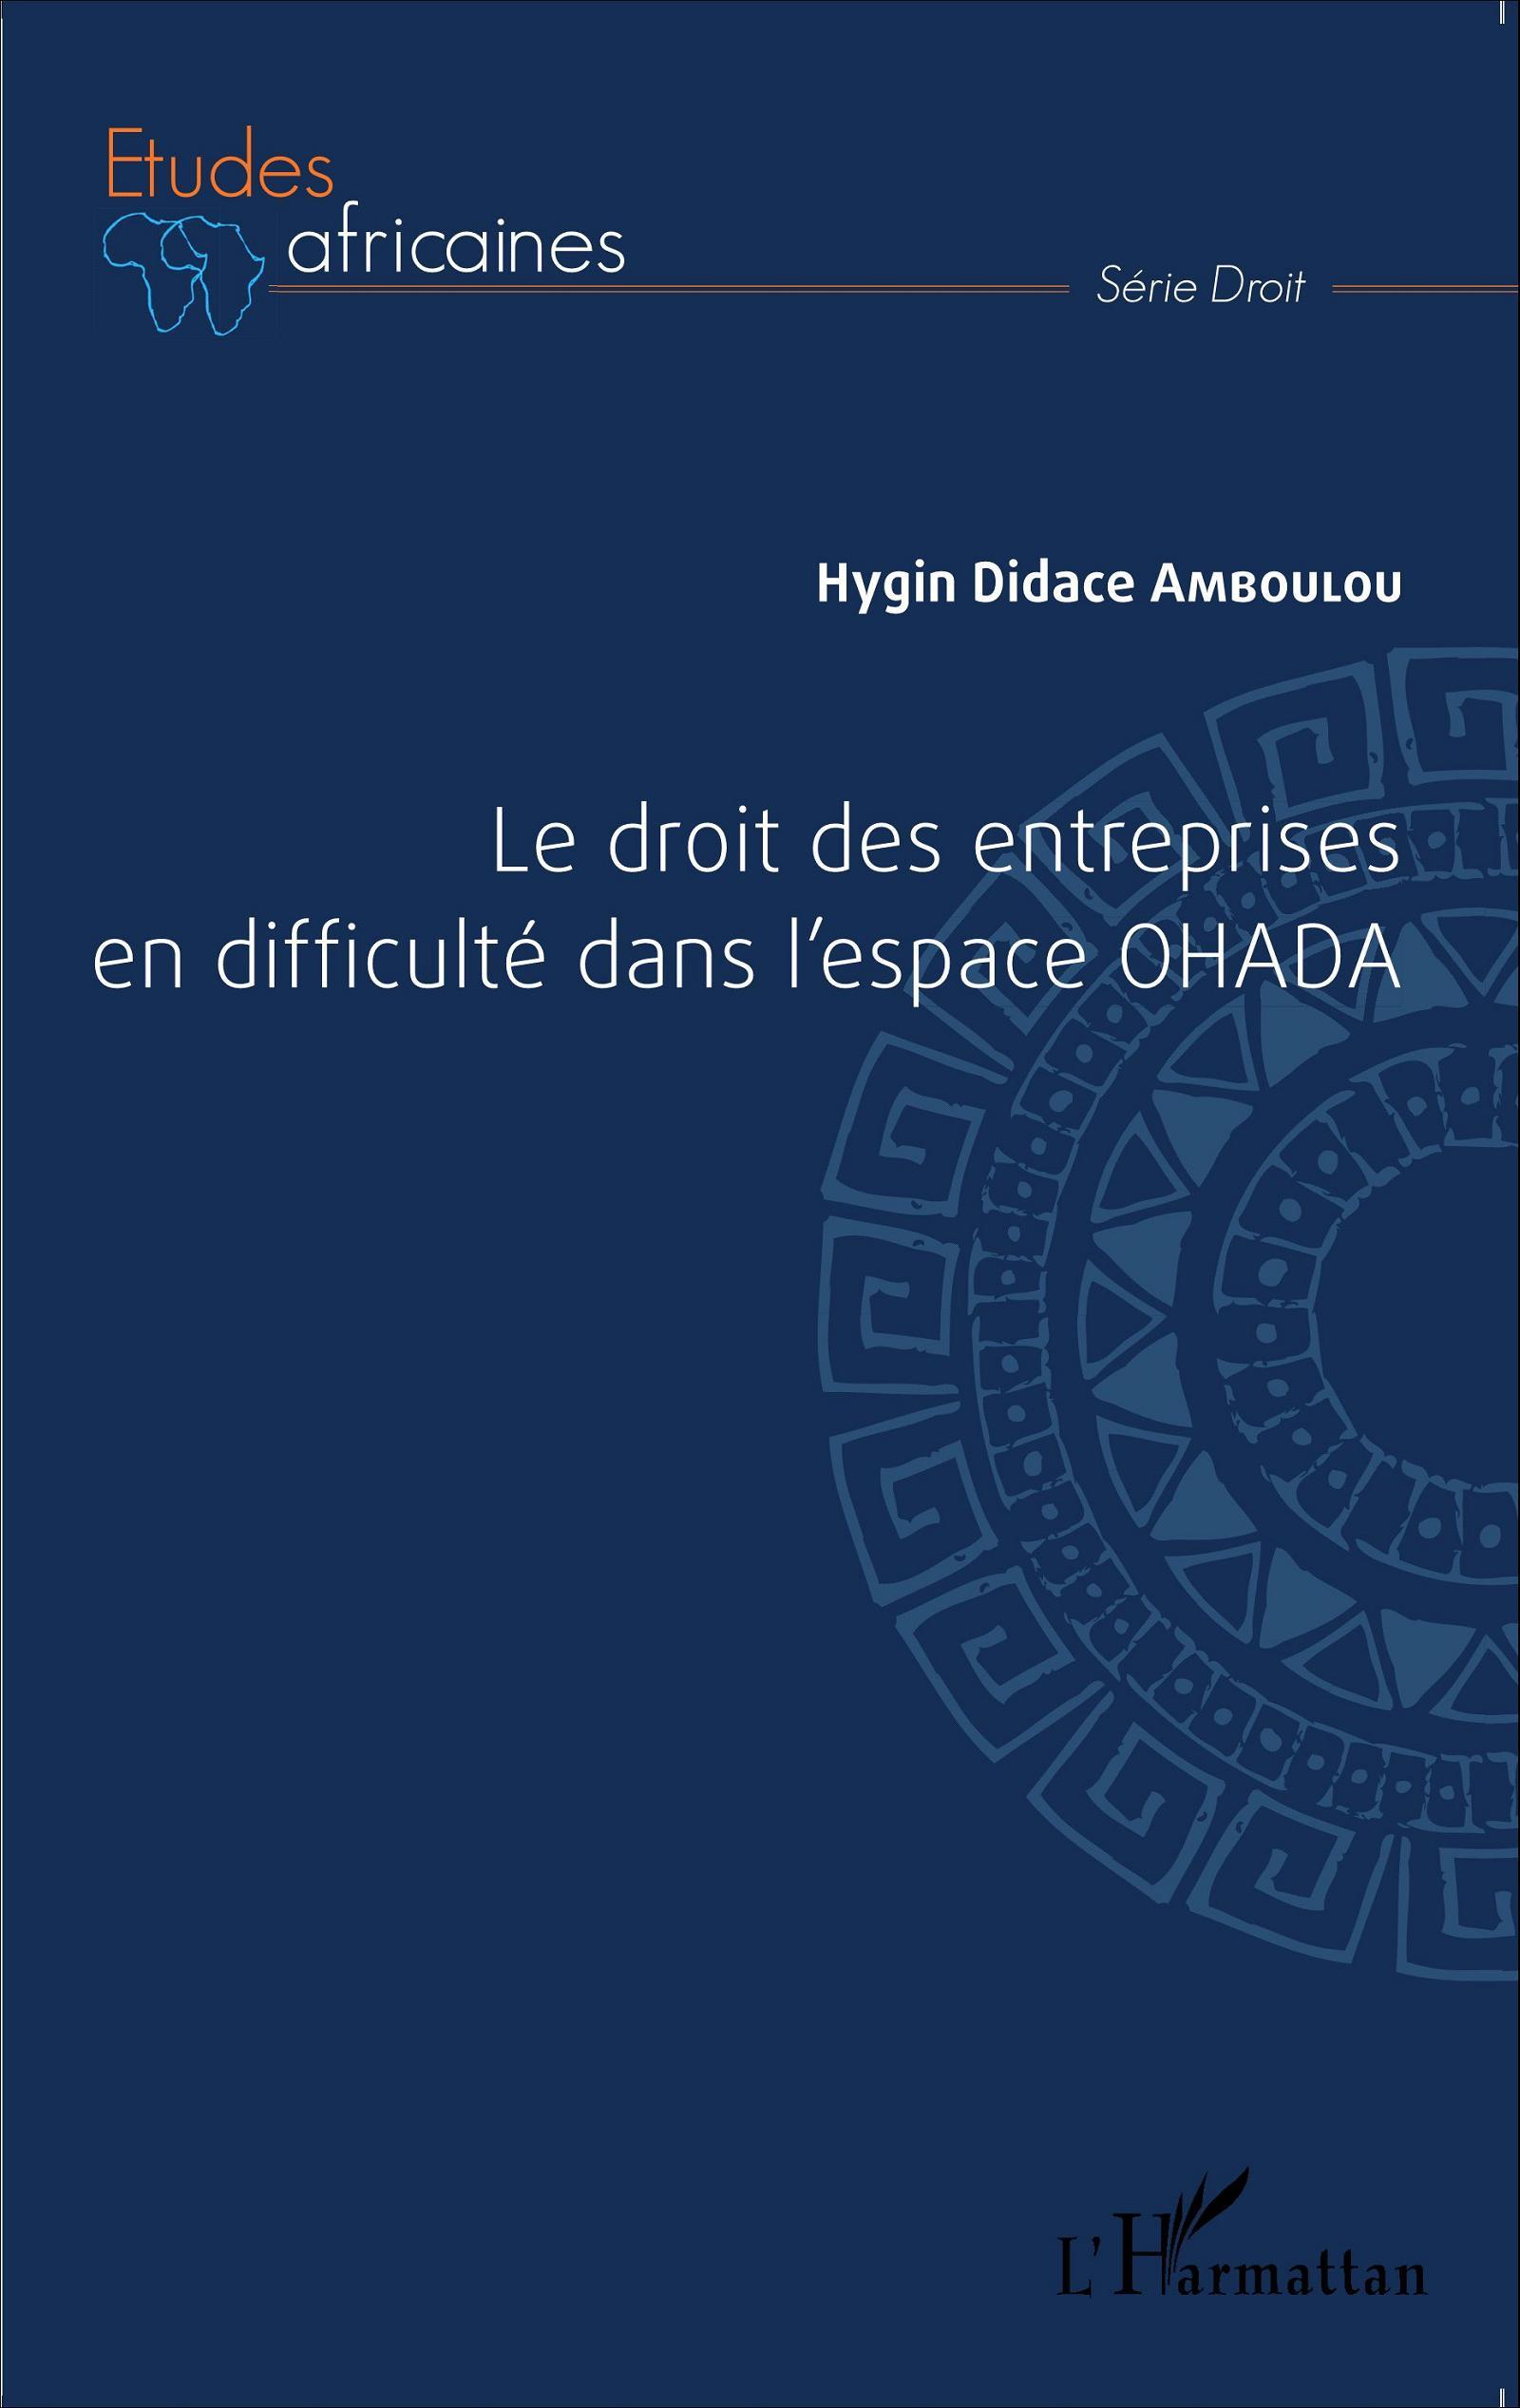 Le droit des entreprises en difficulté dans l'espace OHADA